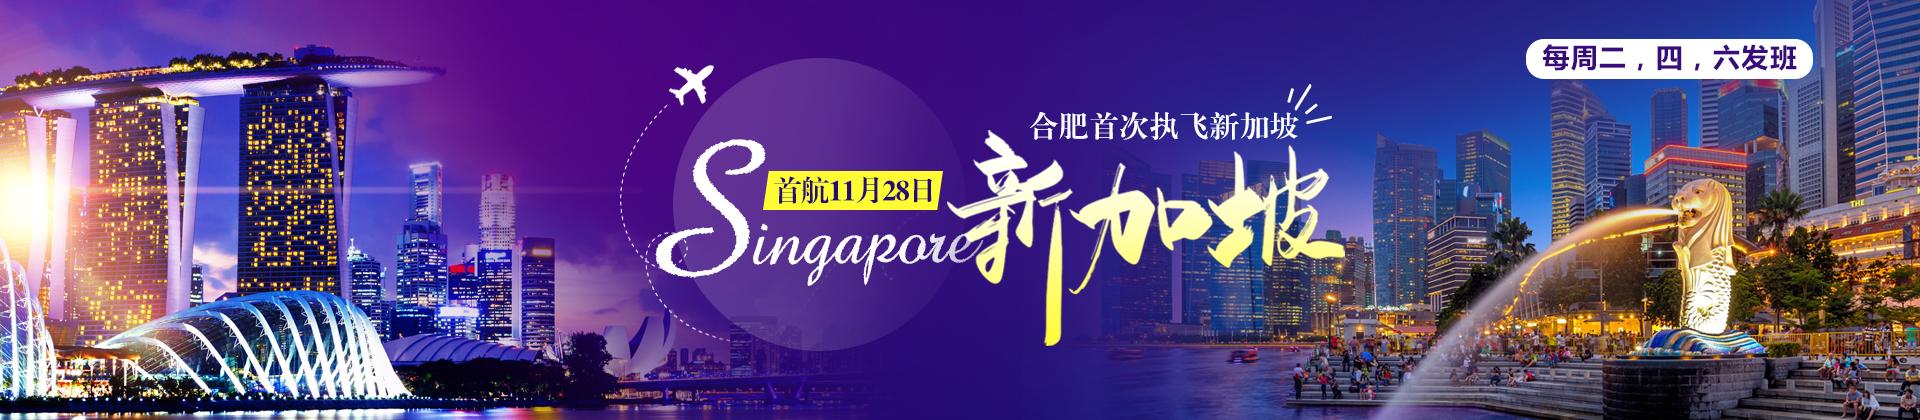 合肥到新加坡旅游<br/>中青旅新加坡游